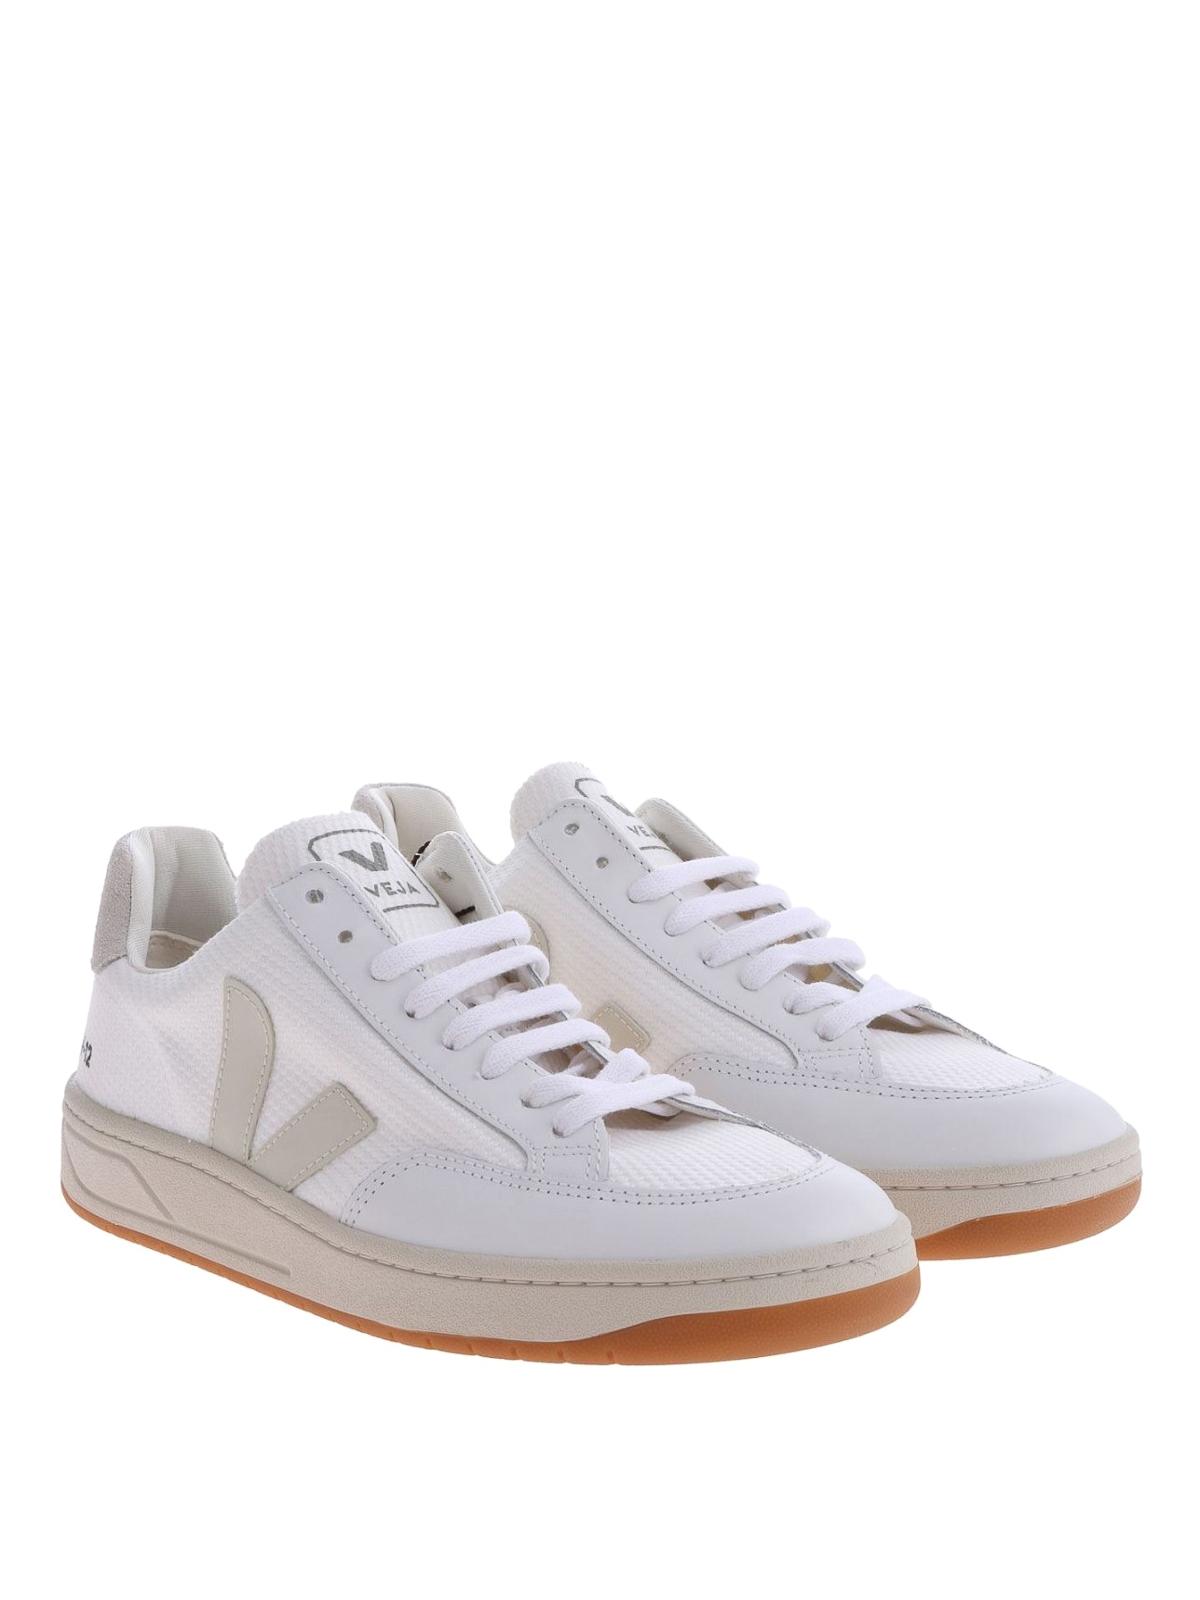 respirar Ashley Furman Mercurio  Veja - V-12 sneakers - trainers - XDM011535 | Shop online at iKRIX